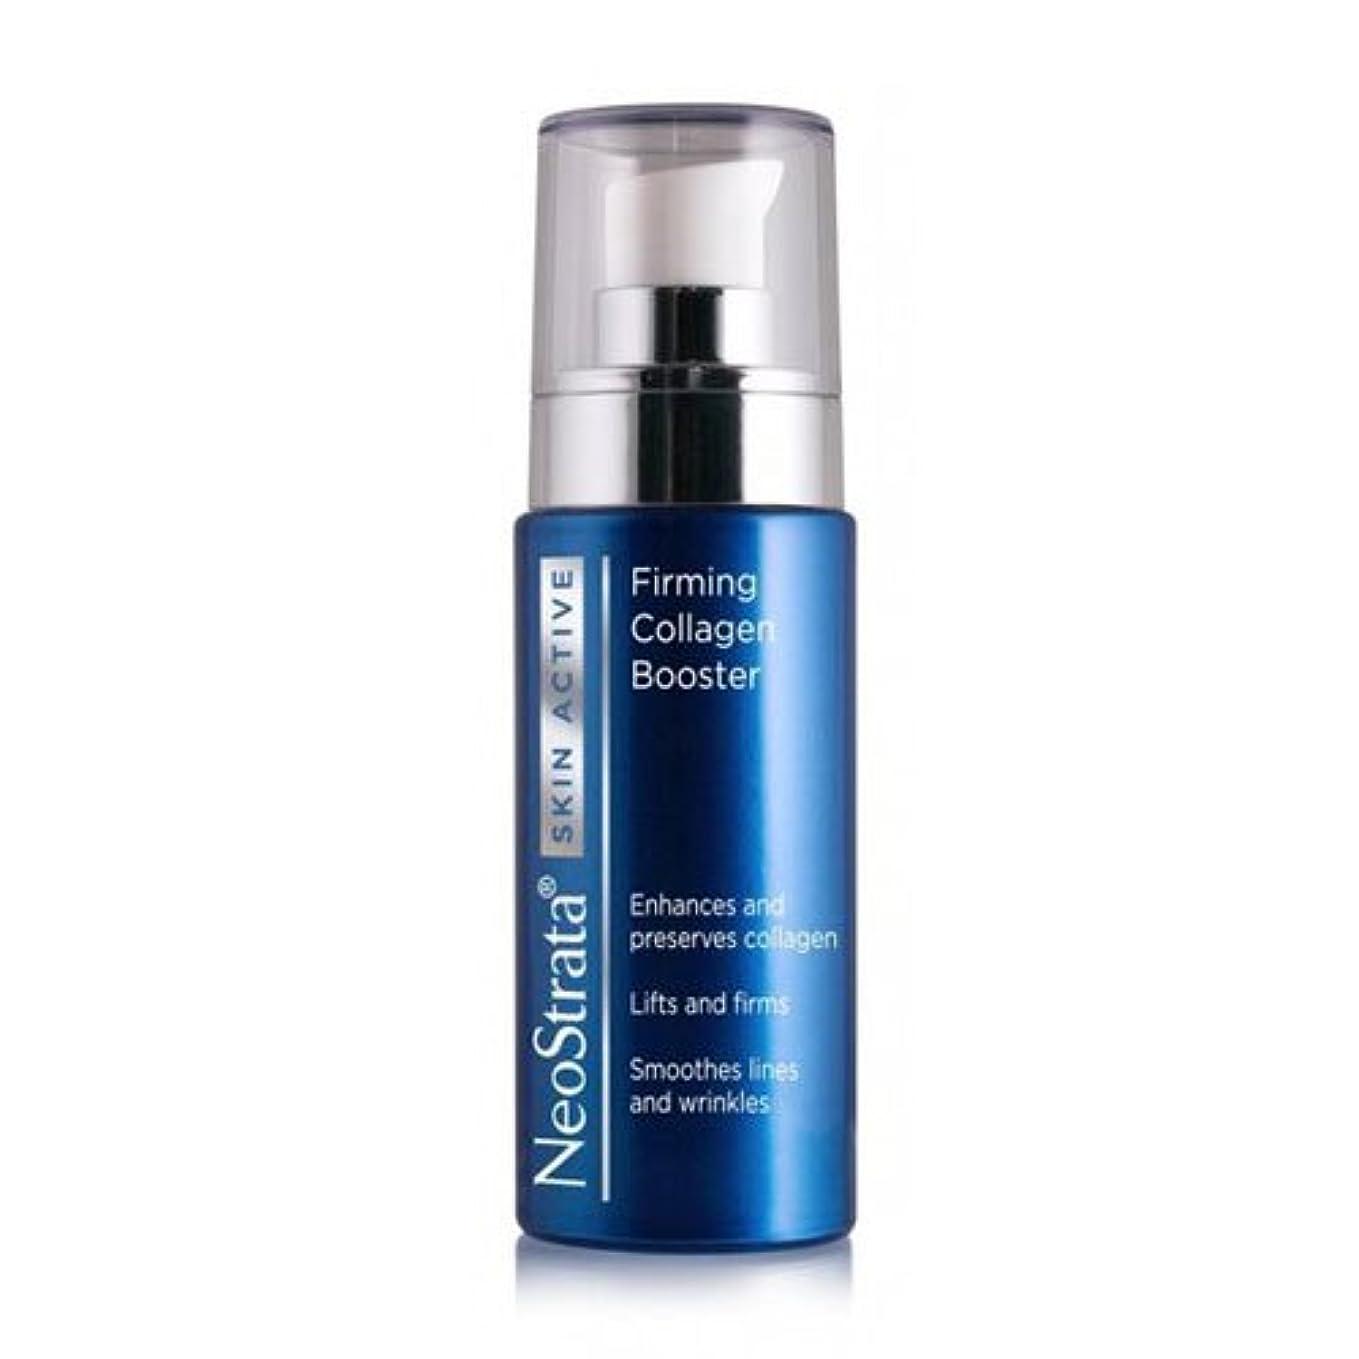 句読点指標マスタードNeostrata Skin Active Firming Collagen Booster 30ml [並行輸入品]